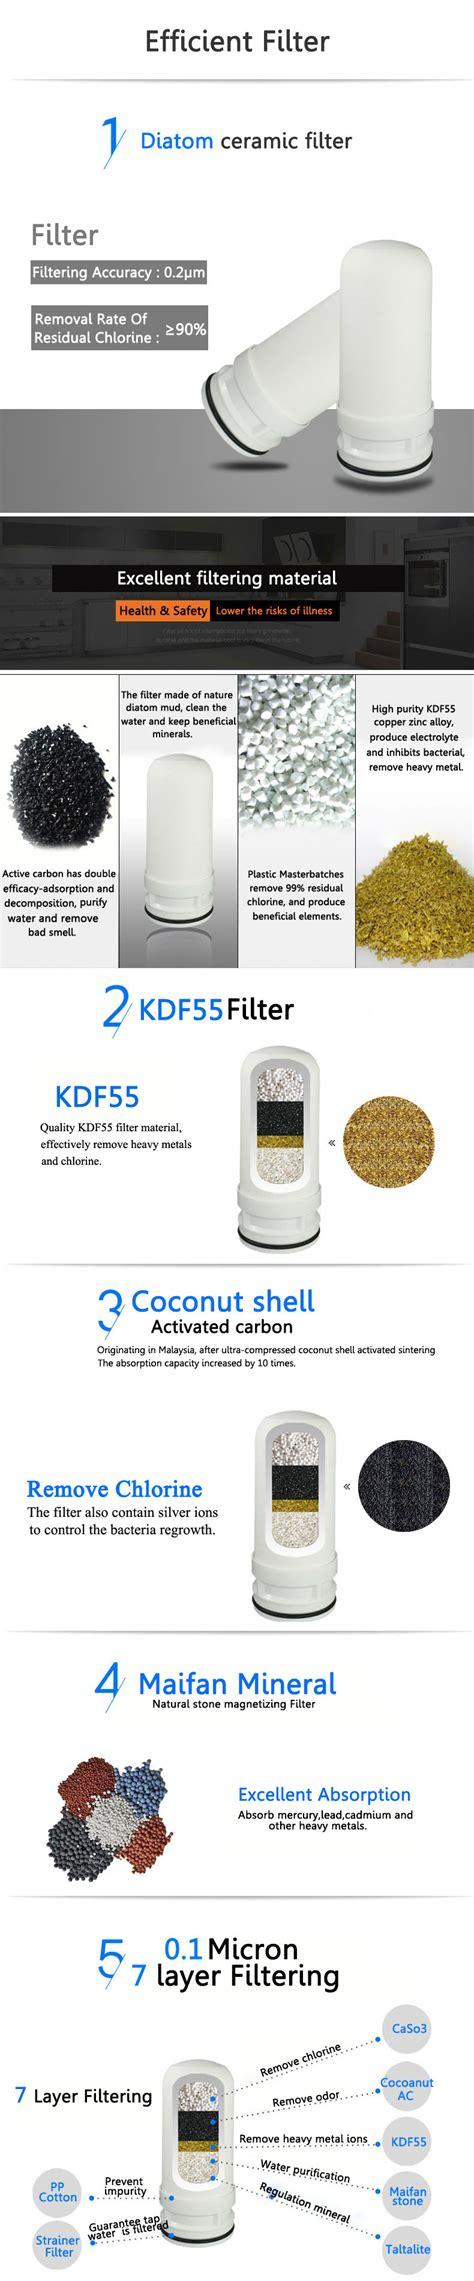 filtro depuratore acqua rubinetto filtro acqua lts 86 rubinetti rubinetti rubinetti in